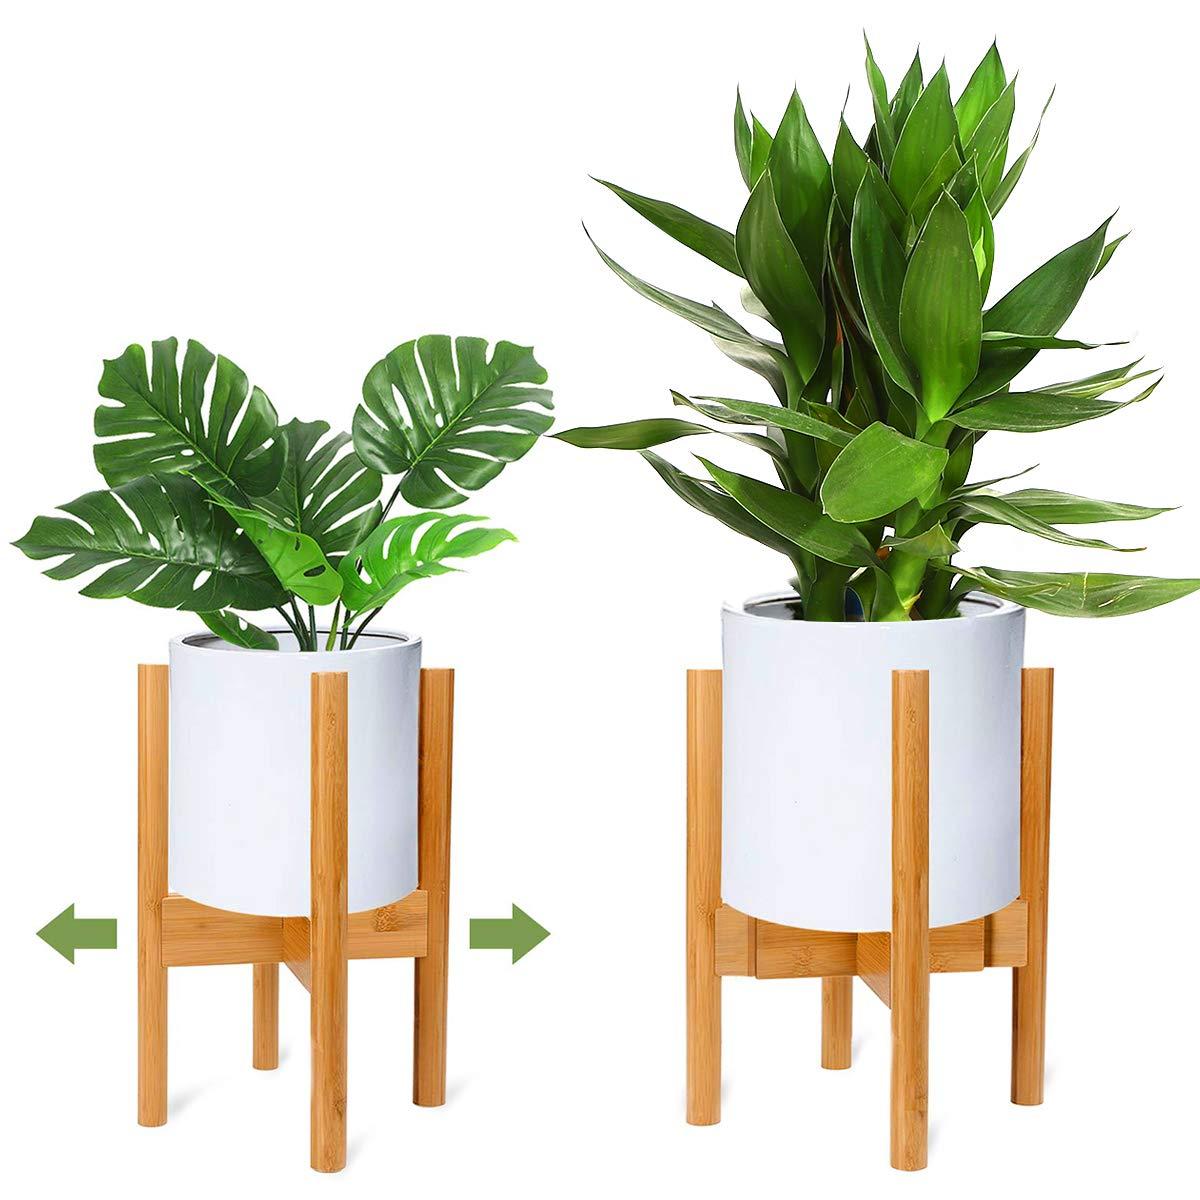 Natural Jardinera de hasta 12 Pulgadas Soporte de Plantas expandible Retro Soporte para exhibici/ón de macetas para Flores Estante en Maceta para Interiores y Exteriores RIOGOO Soporte para Plantas